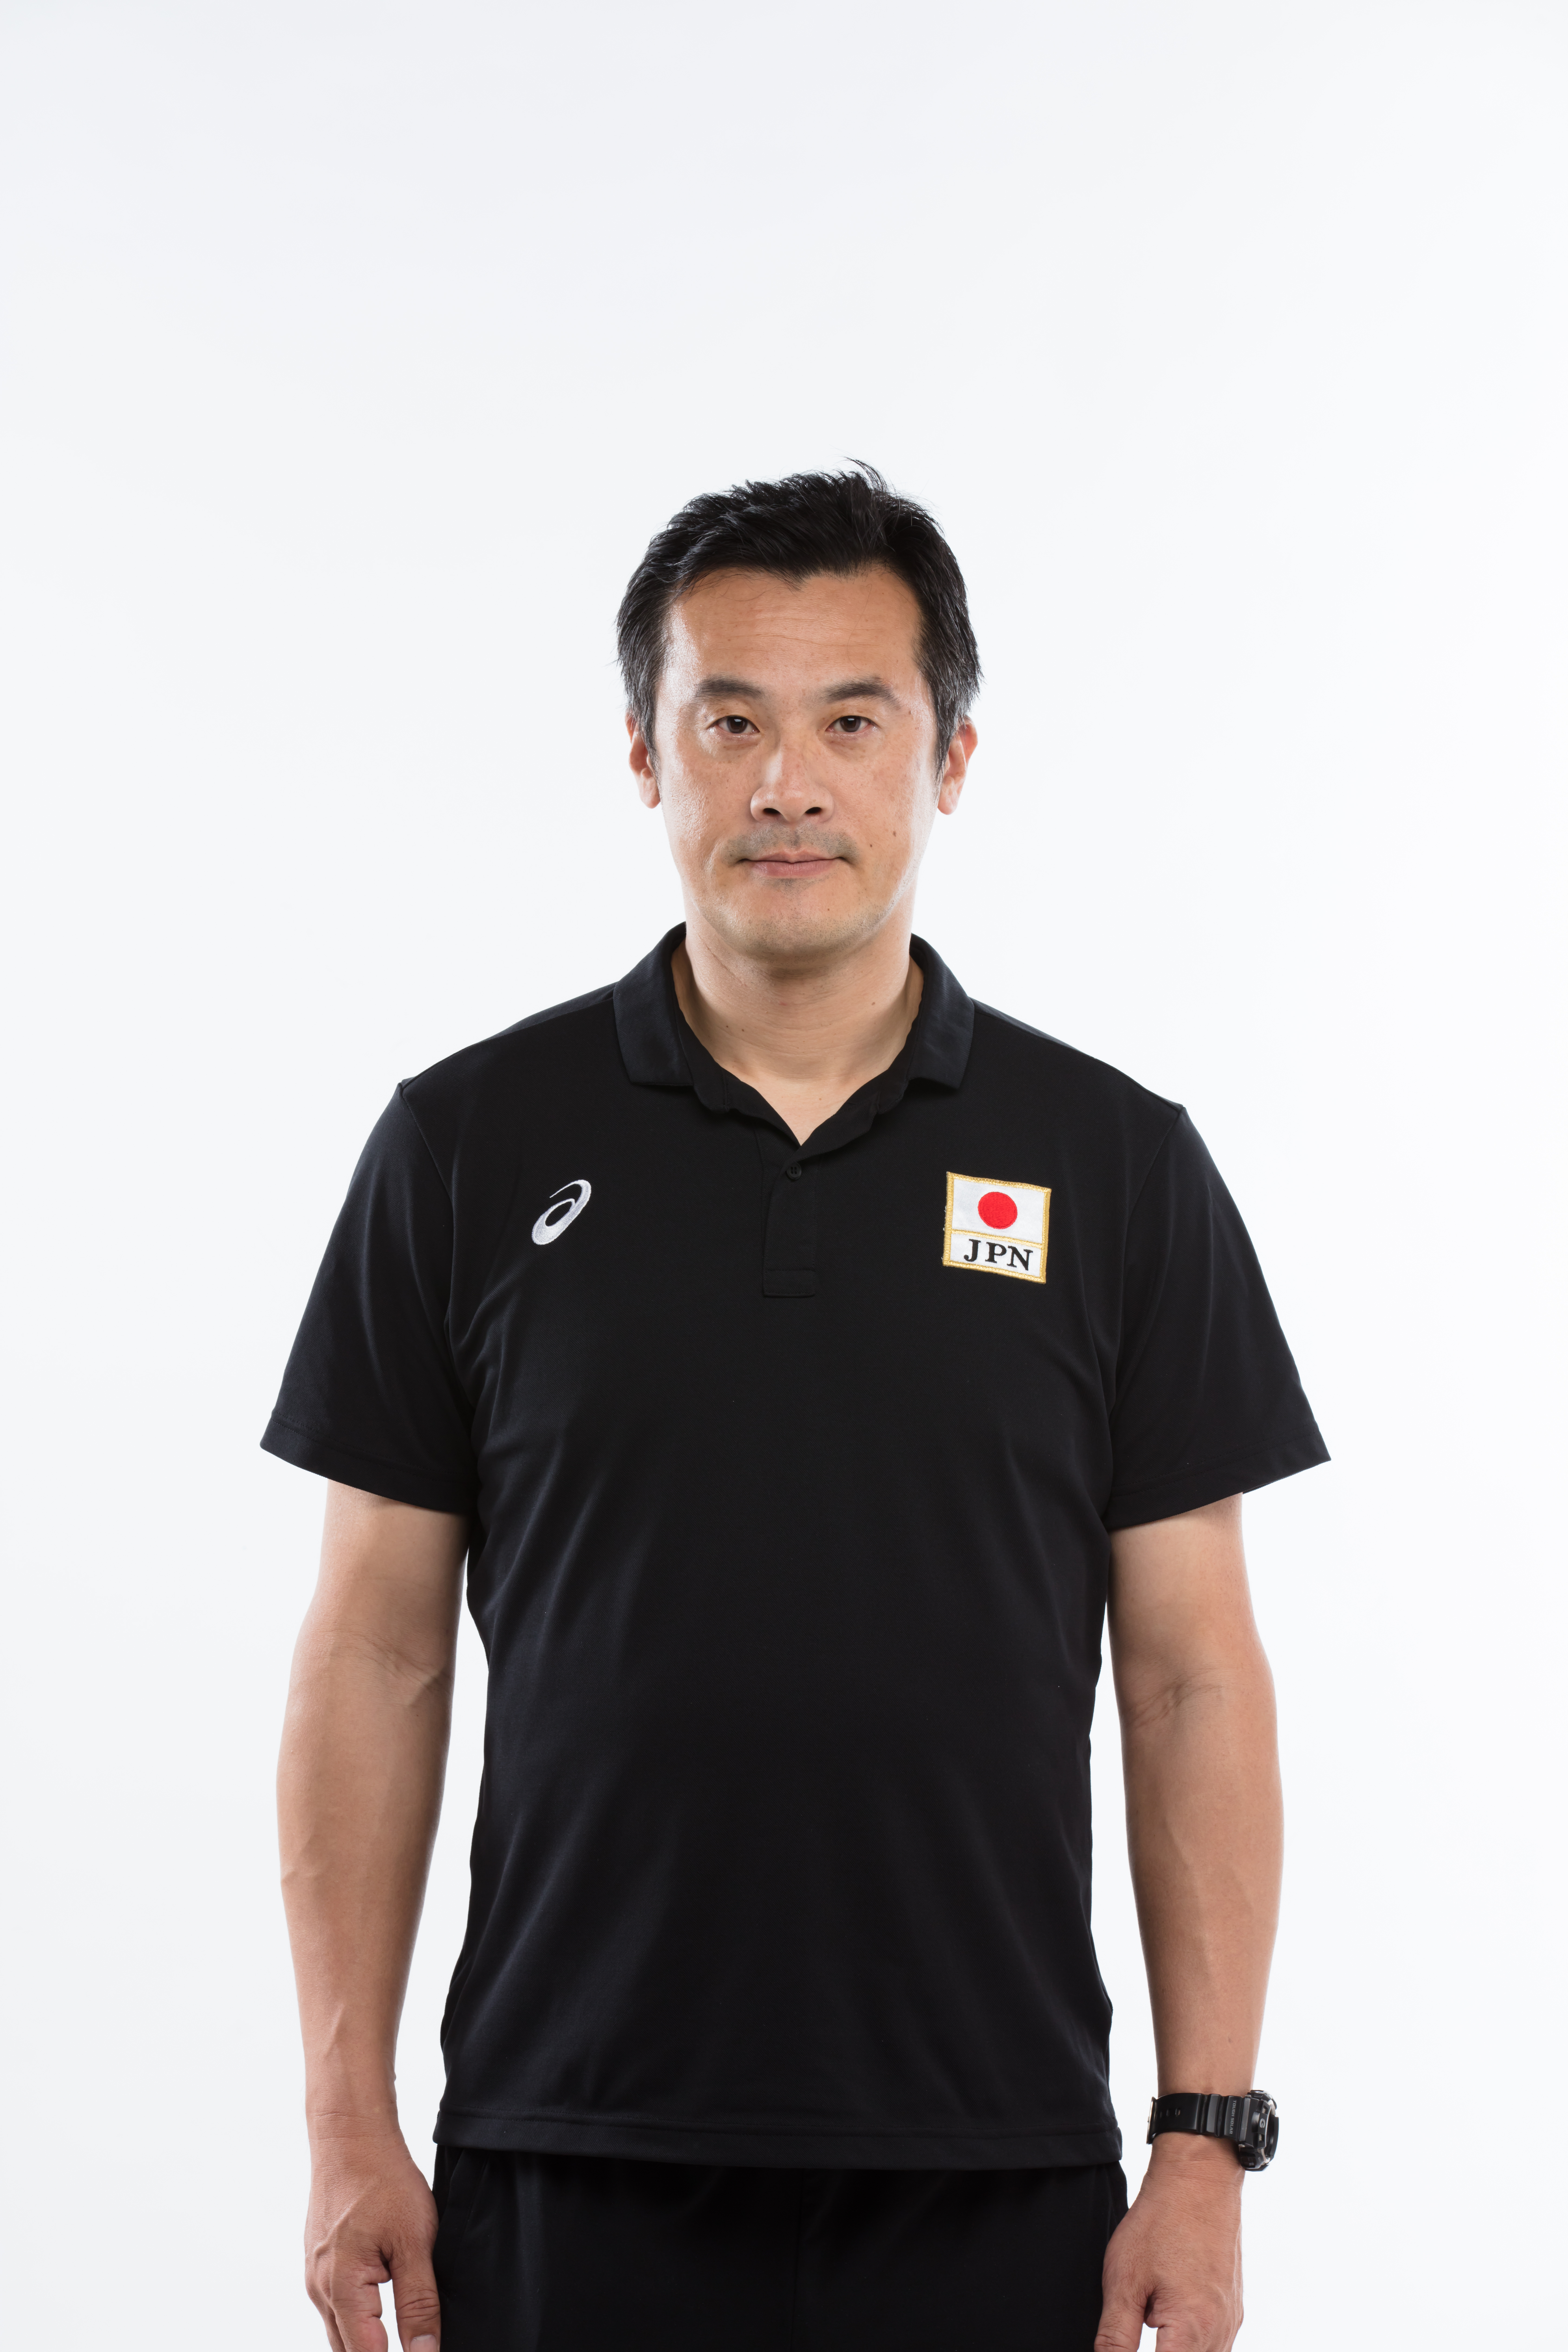 Nakagaichi Yuichi